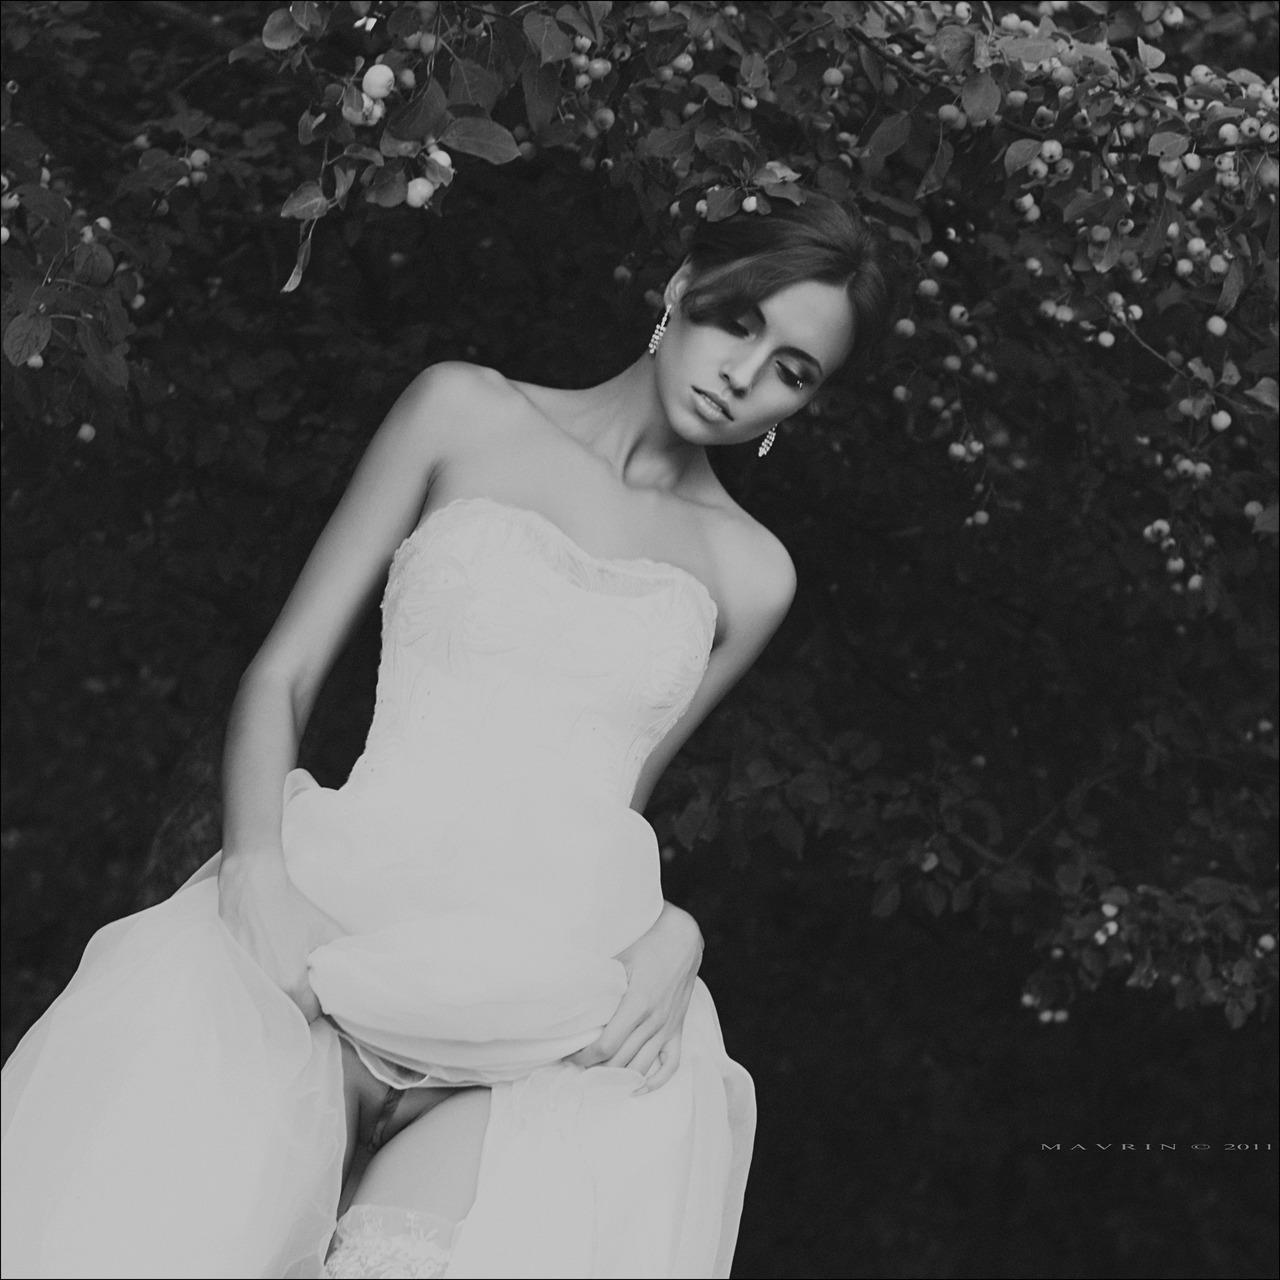 голые девушки в свадебном платье найроби забит хорошенькими